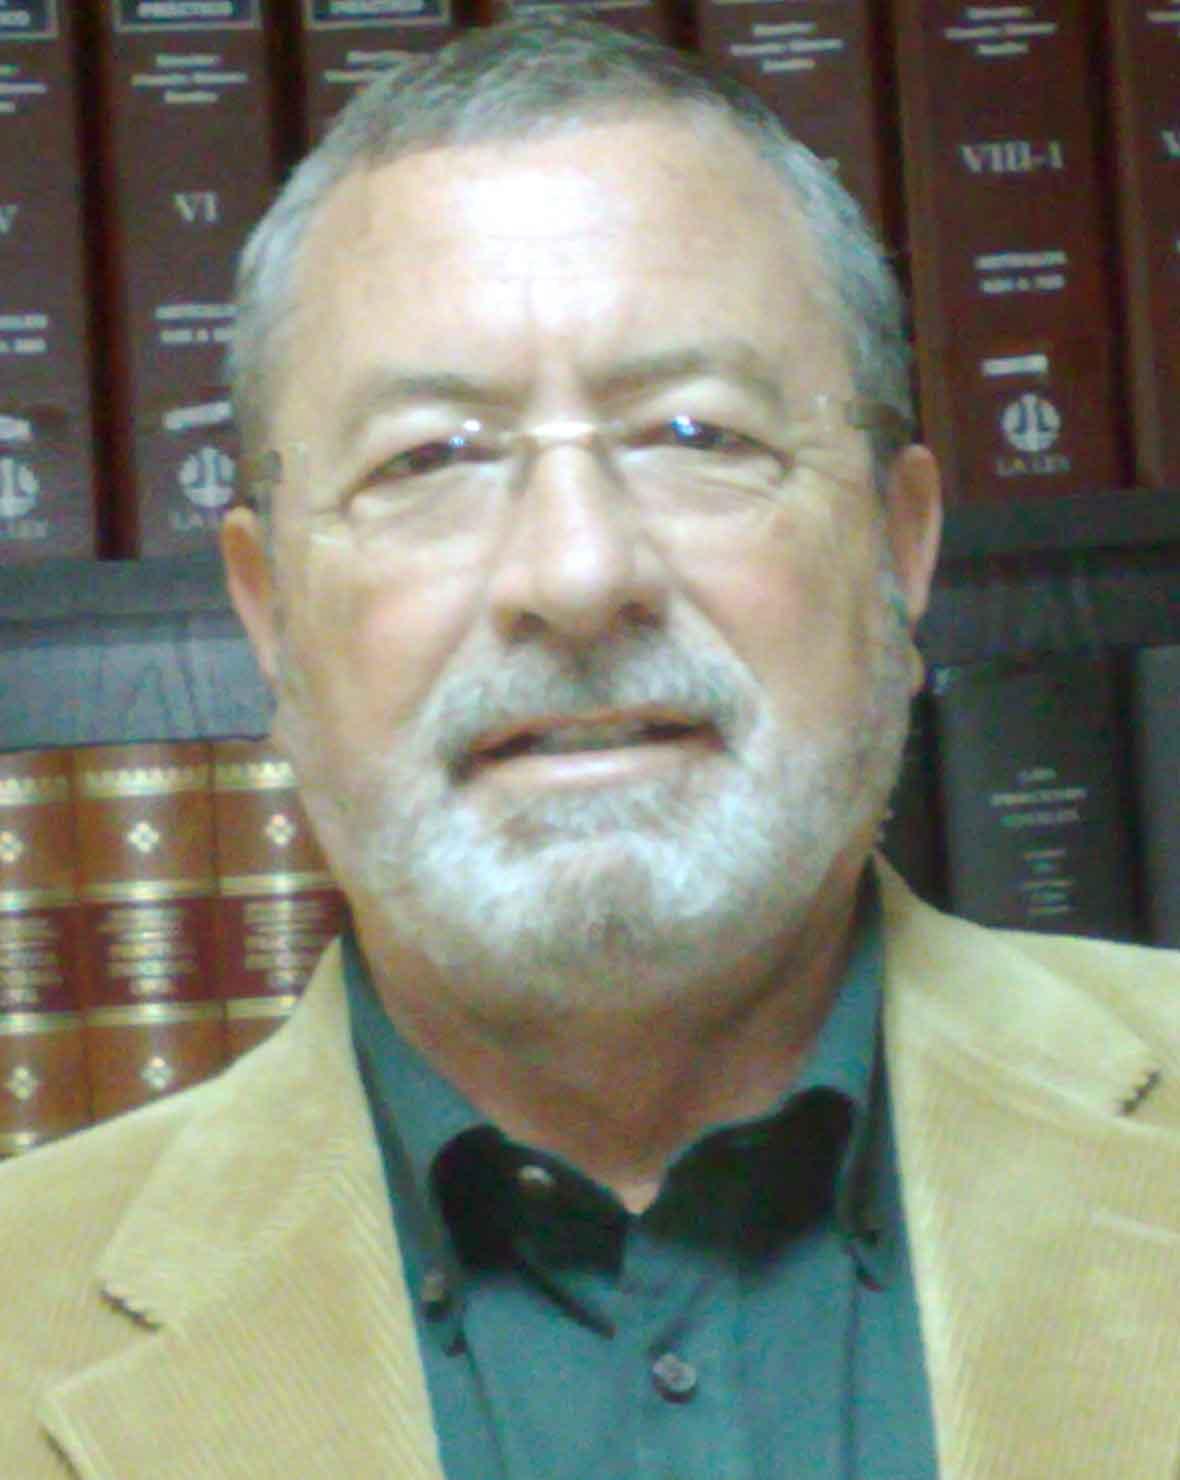 LUIS FERNANDO CABRERA CARABALLO